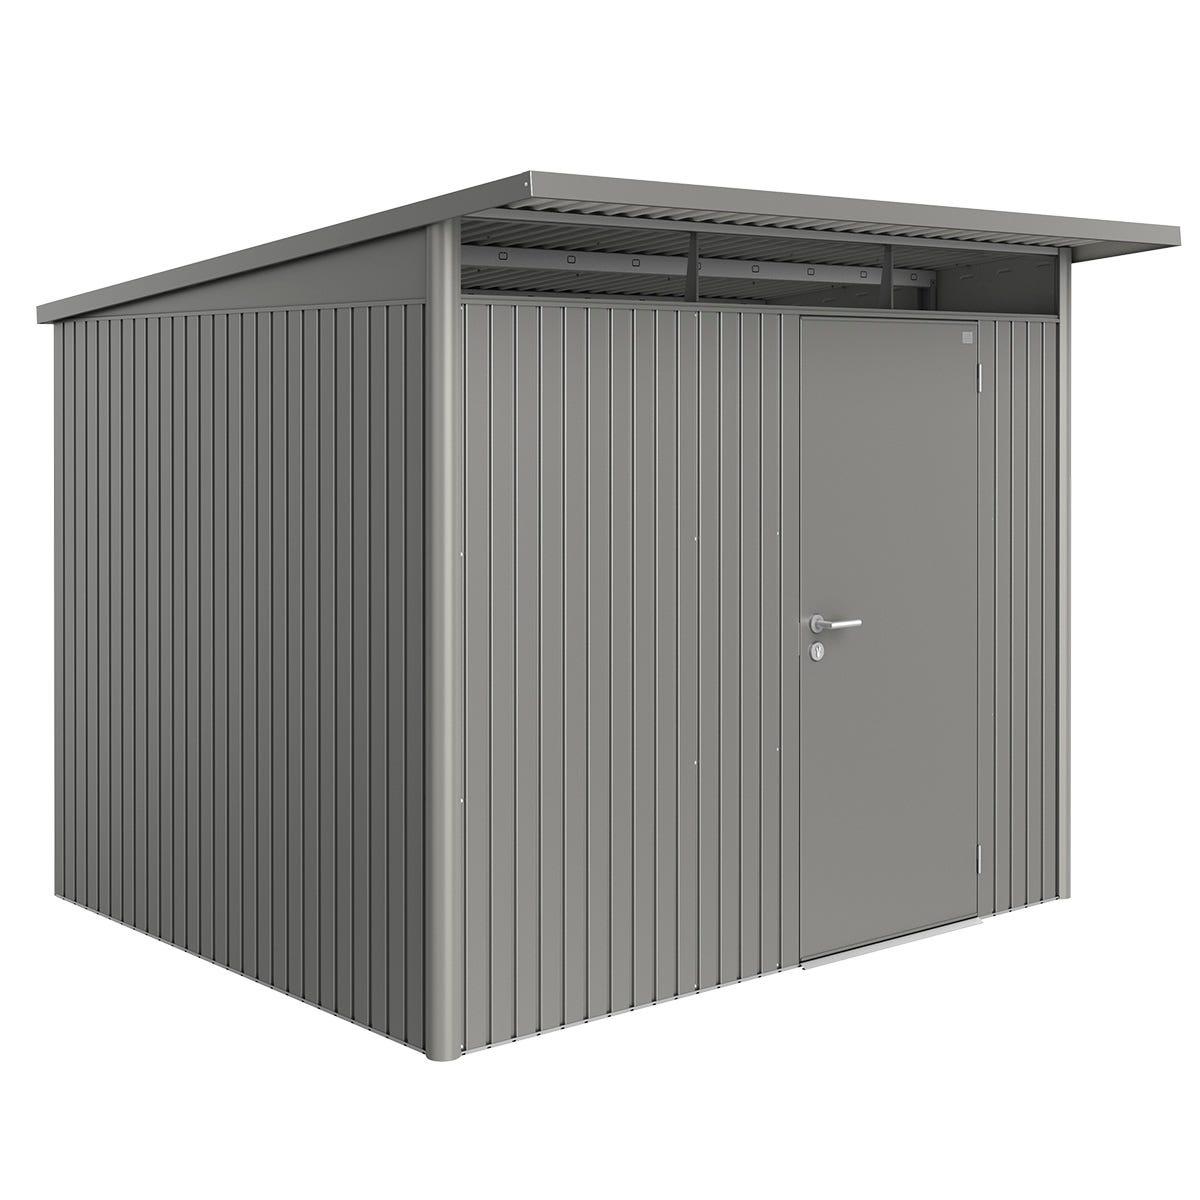 Biohort AvantGarde Metal Shed A6 Standard door 8' 5'' x 8' 5'' - Quartz Grey